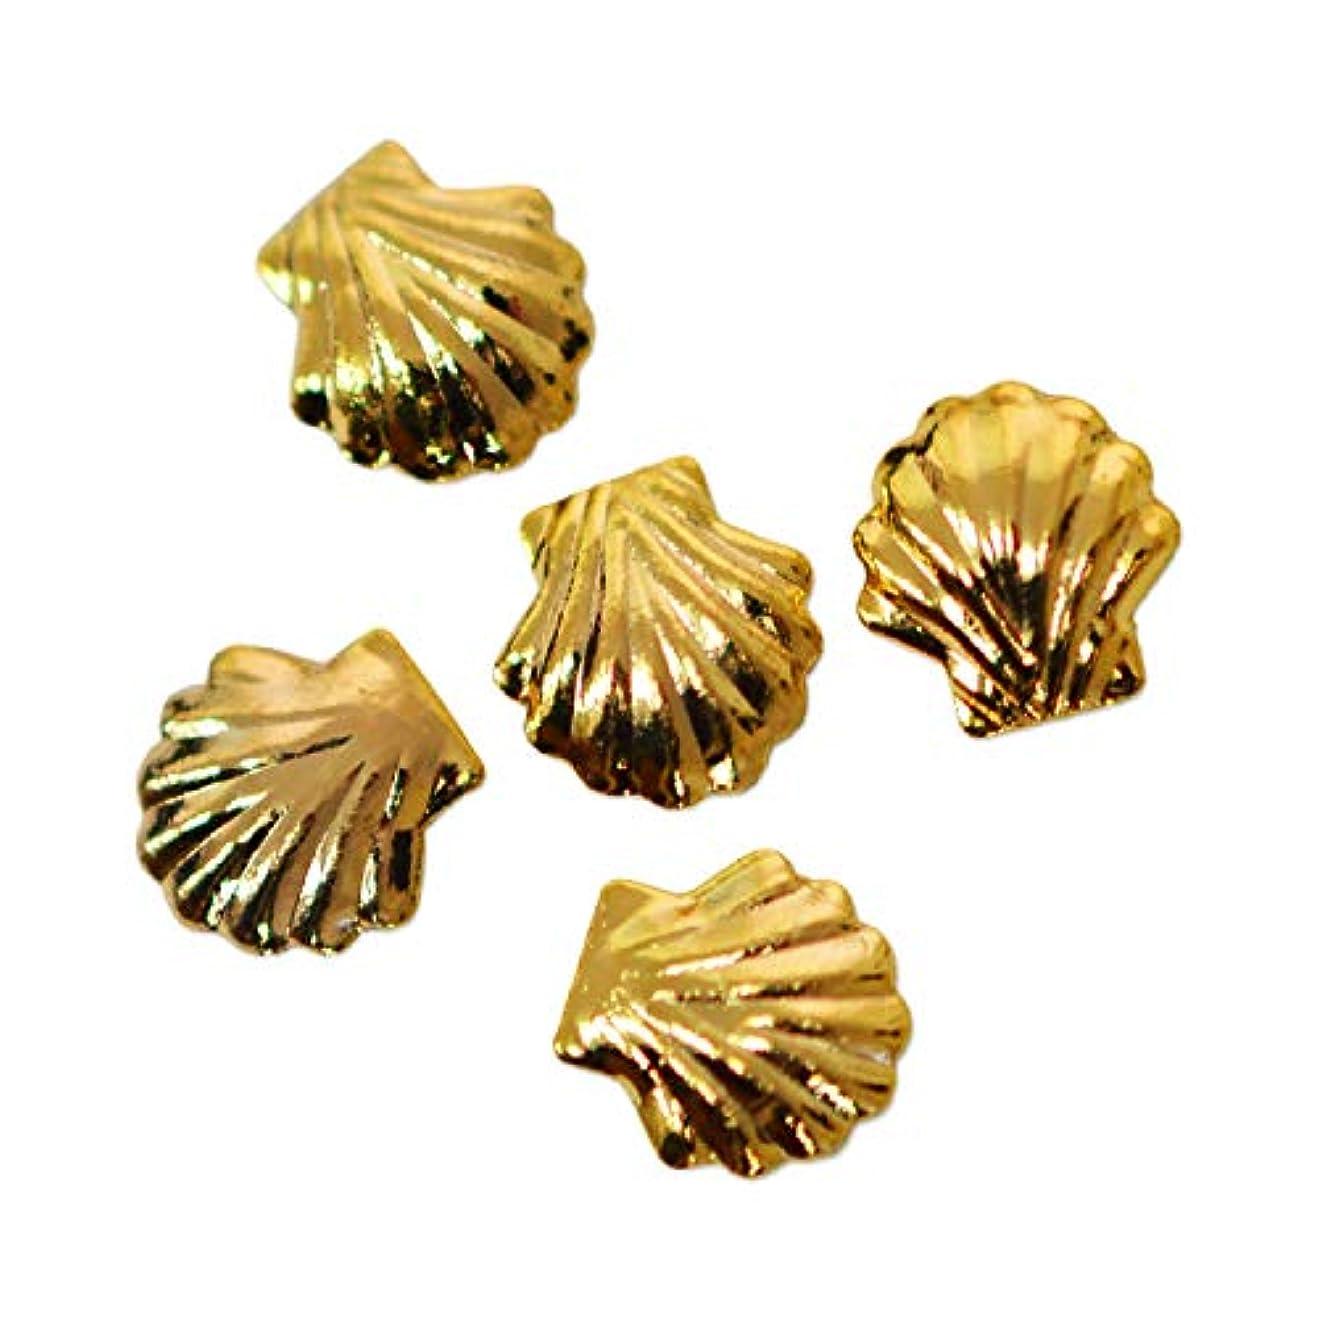 愛国的なフィット汚物メタルパーツ シェル ゴールド 5ミリ 30粒 ネイルパーツ 貝殻 メタルシェル シェルメタル gold